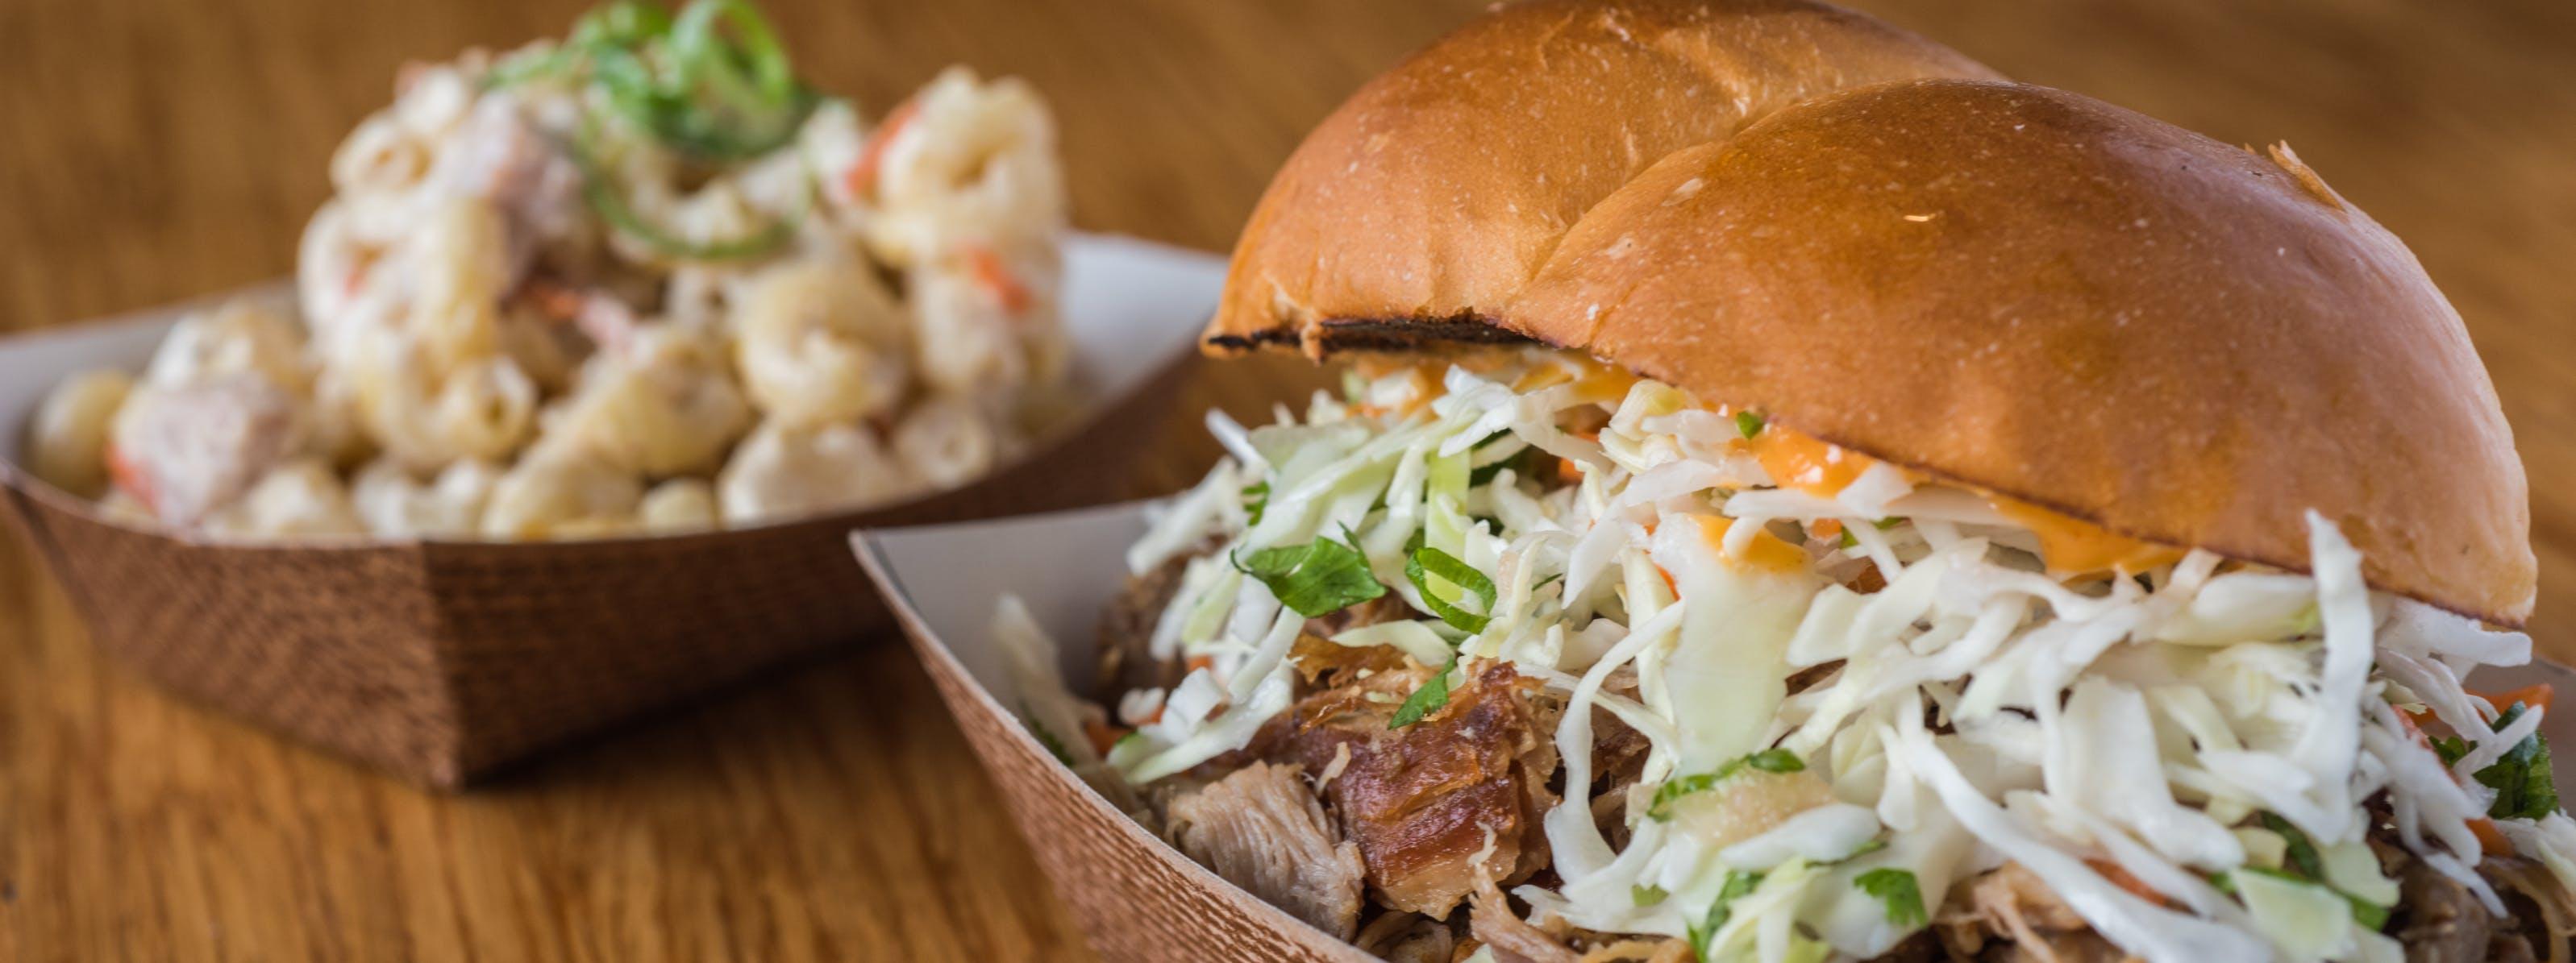 6 Great Spots For Hawaiian Food In Seattle - Seattle - The Infatuation